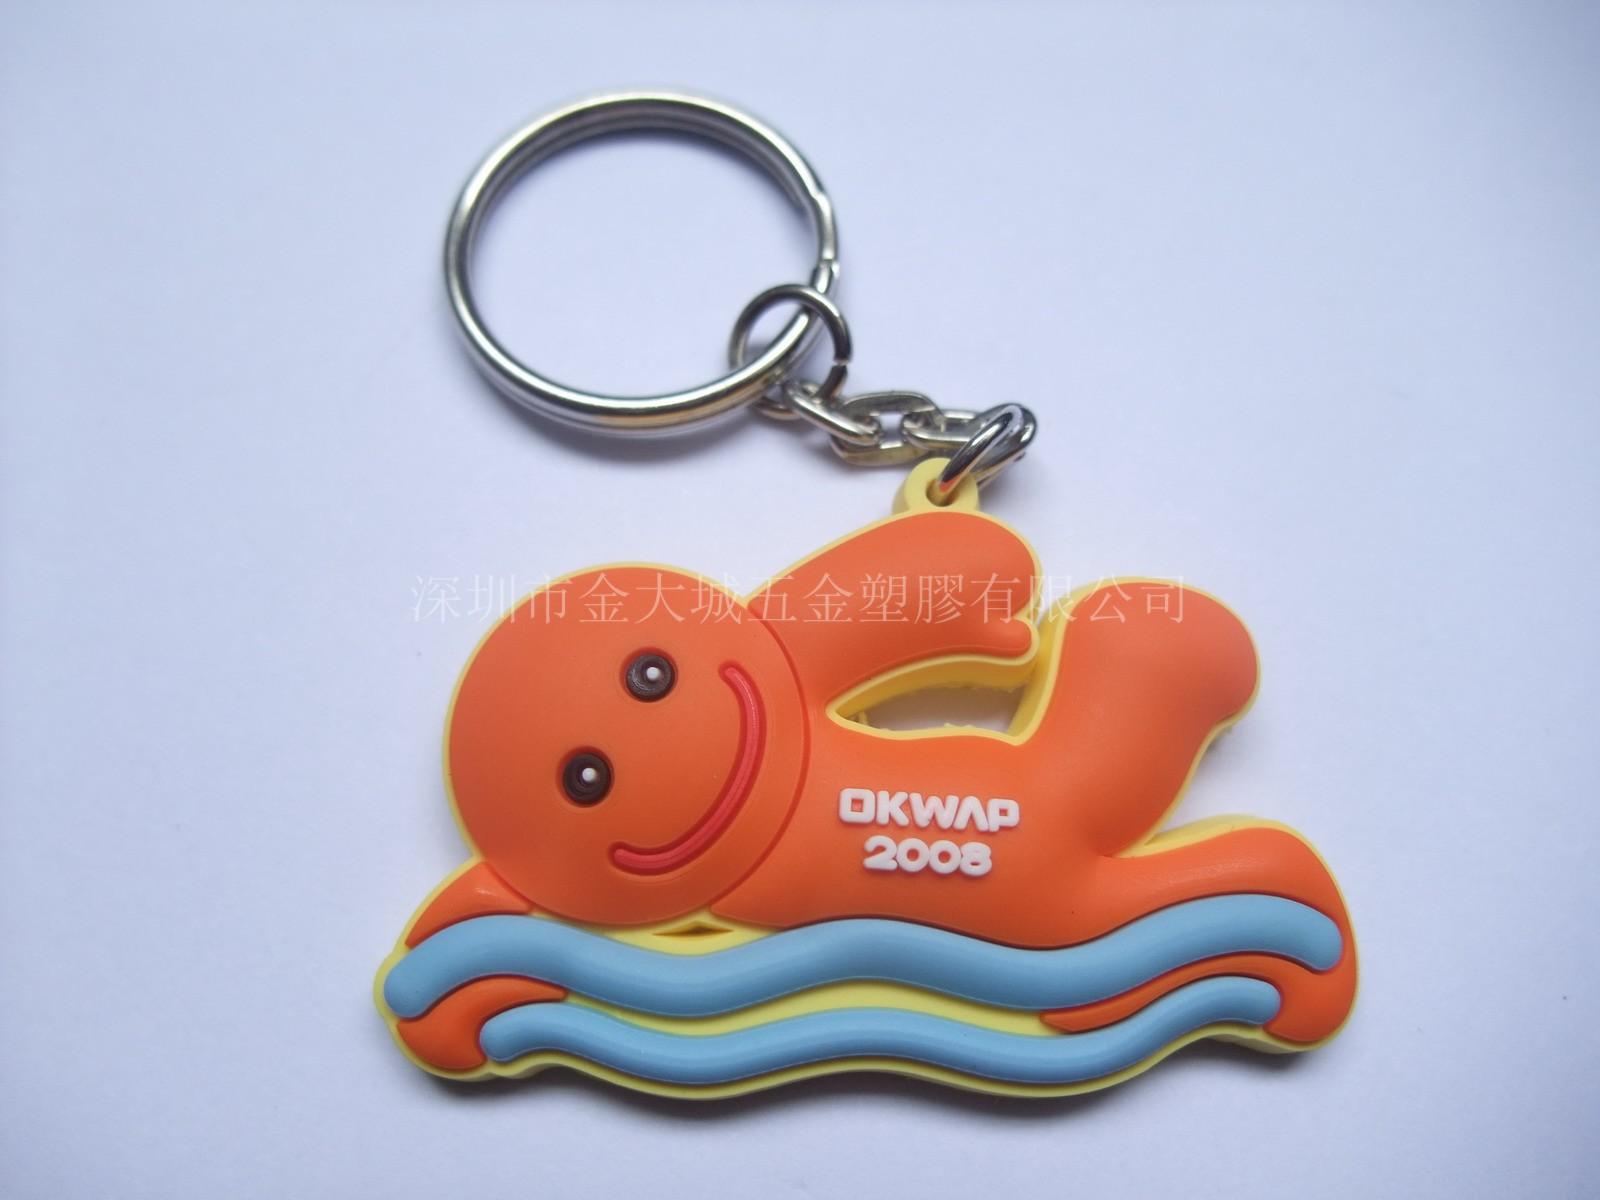 深圳优质的pvc软胶钥匙扣推荐|pvc软胶钥匙扣价格超低